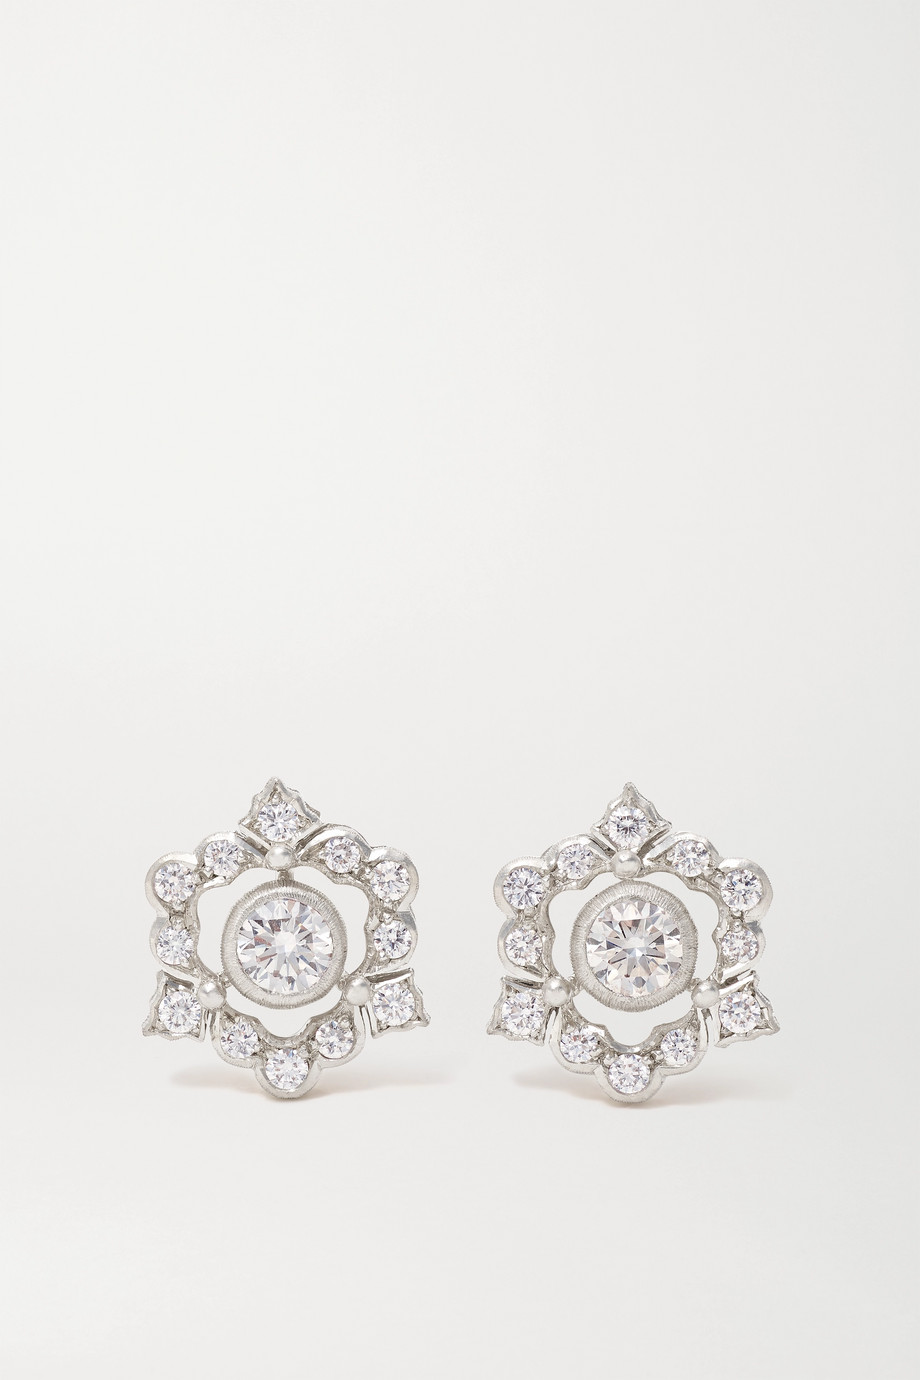 Buccellati Mini Ghirlanda 18-karat white gold diamond earrings